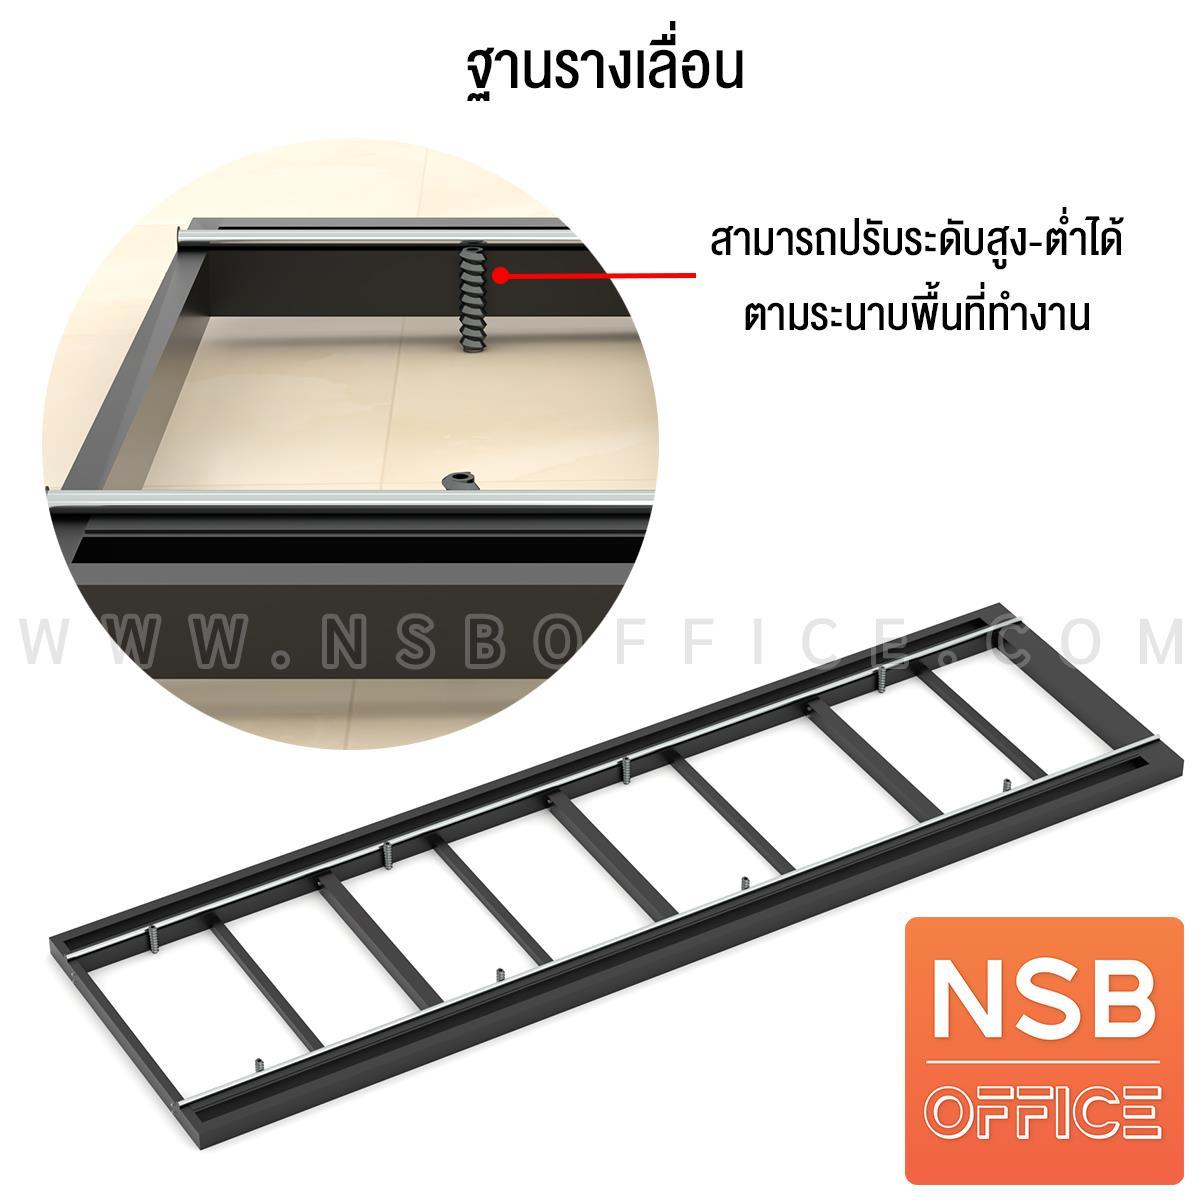 ตู้รางเลื่อนแบบมือผลัก   121.7D cm ขนาด 4, 6, 8, 10, 12, 14, 16 ตู้ สำหรับแฟ้ม A4